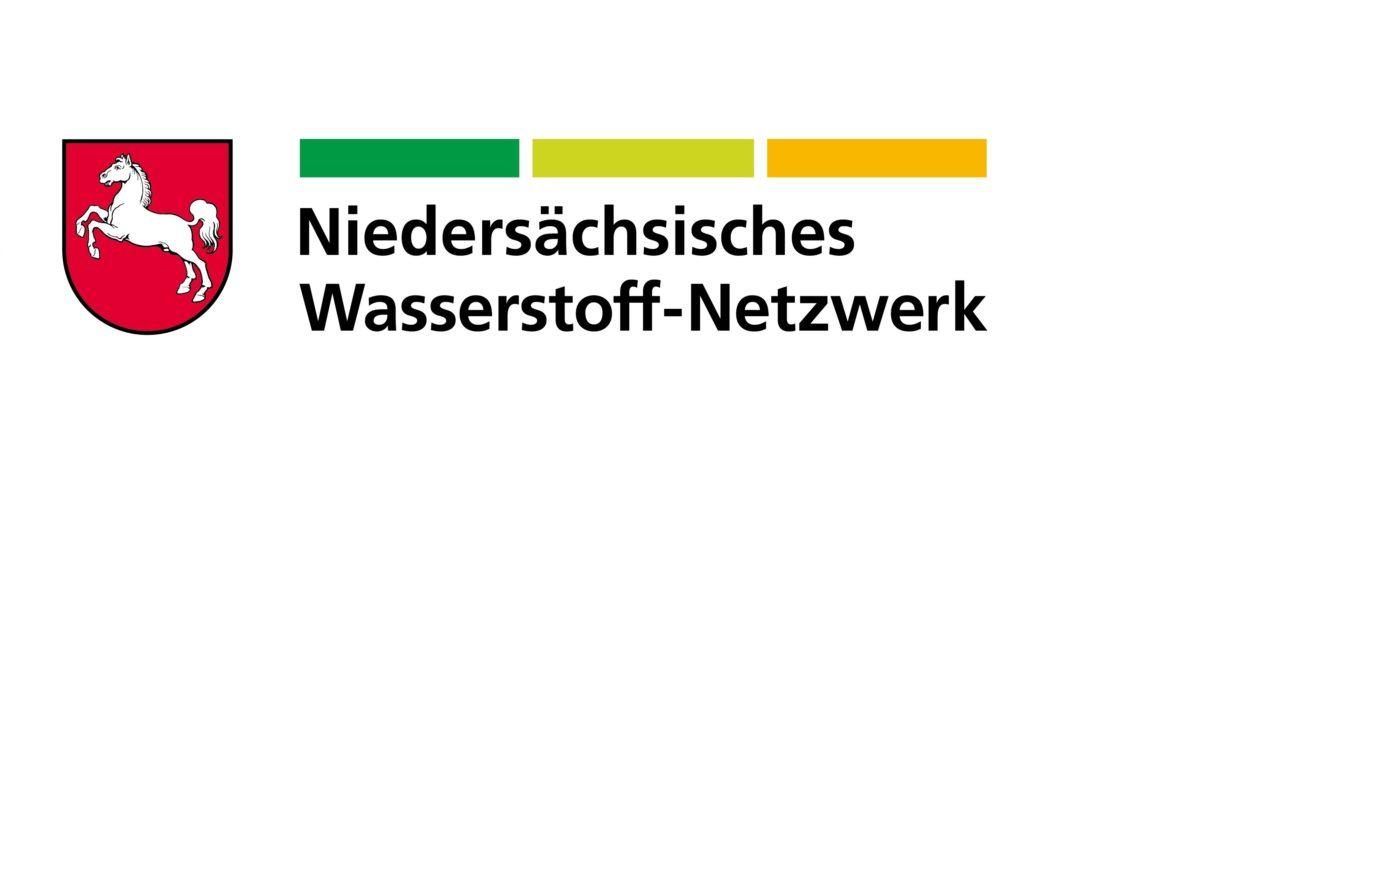 Digitales Treffen Niedersächsisches Wasserstoff-Netzwerk - Wasserstoff in der Praxis - Innovation und Klimaschutz aus Niedersachsen